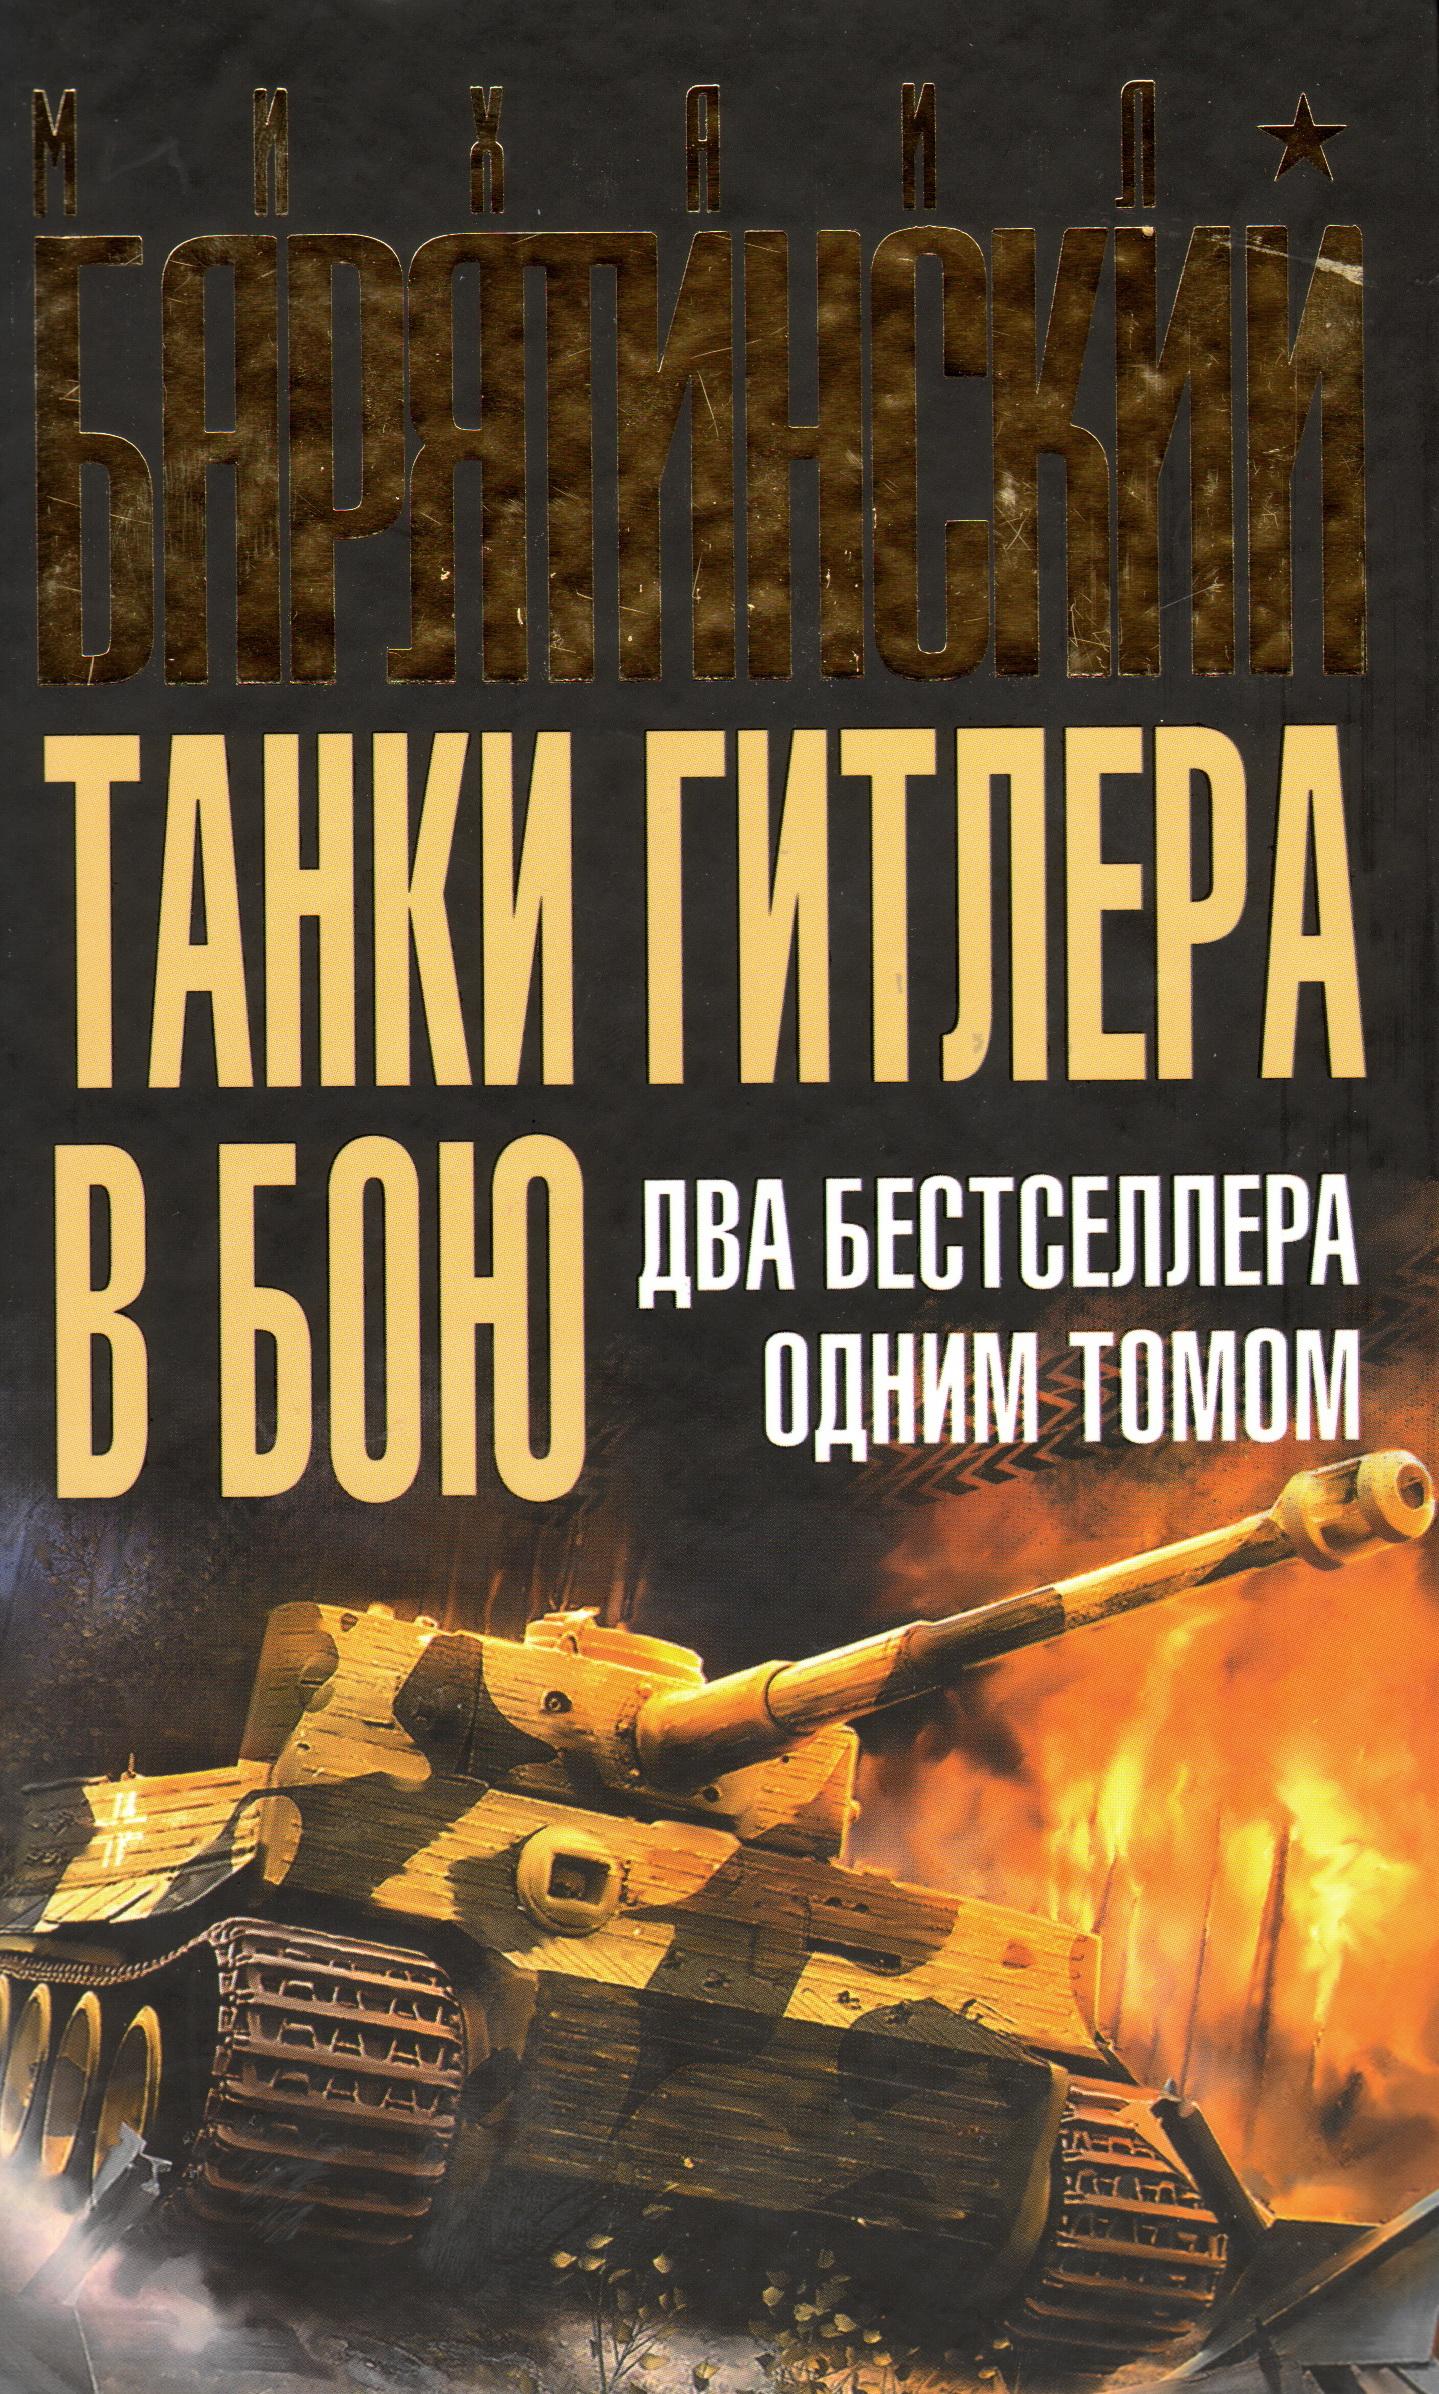 Барятинский Михаил Книги